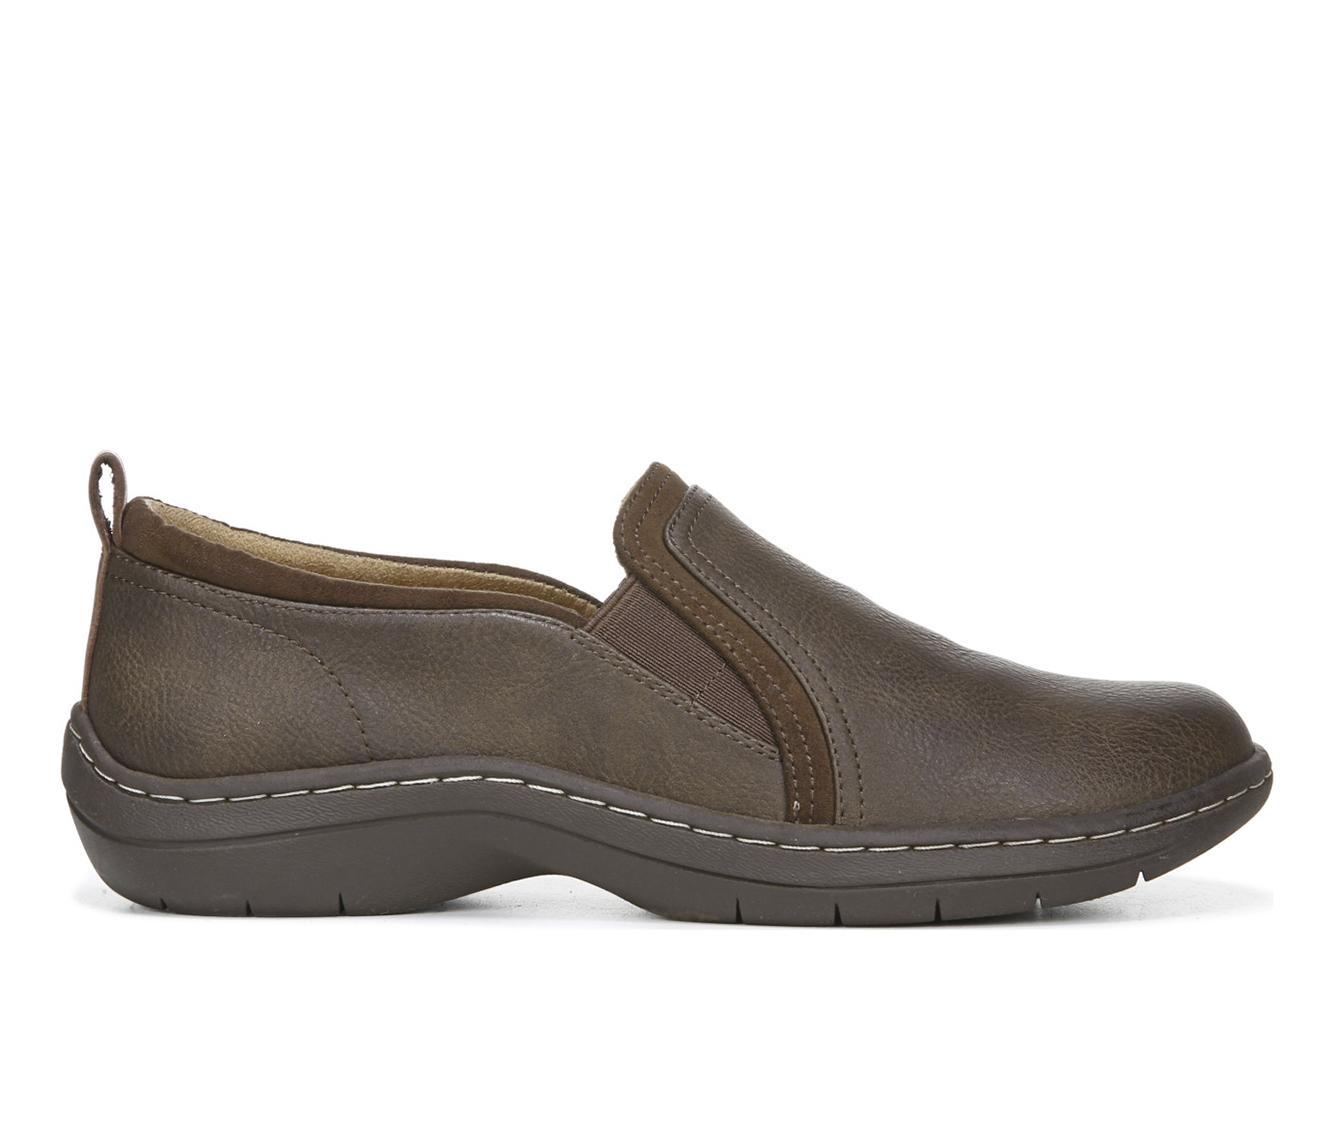 Dr. Scholls Janelle Women's Shoe (Brown Faux Leather)